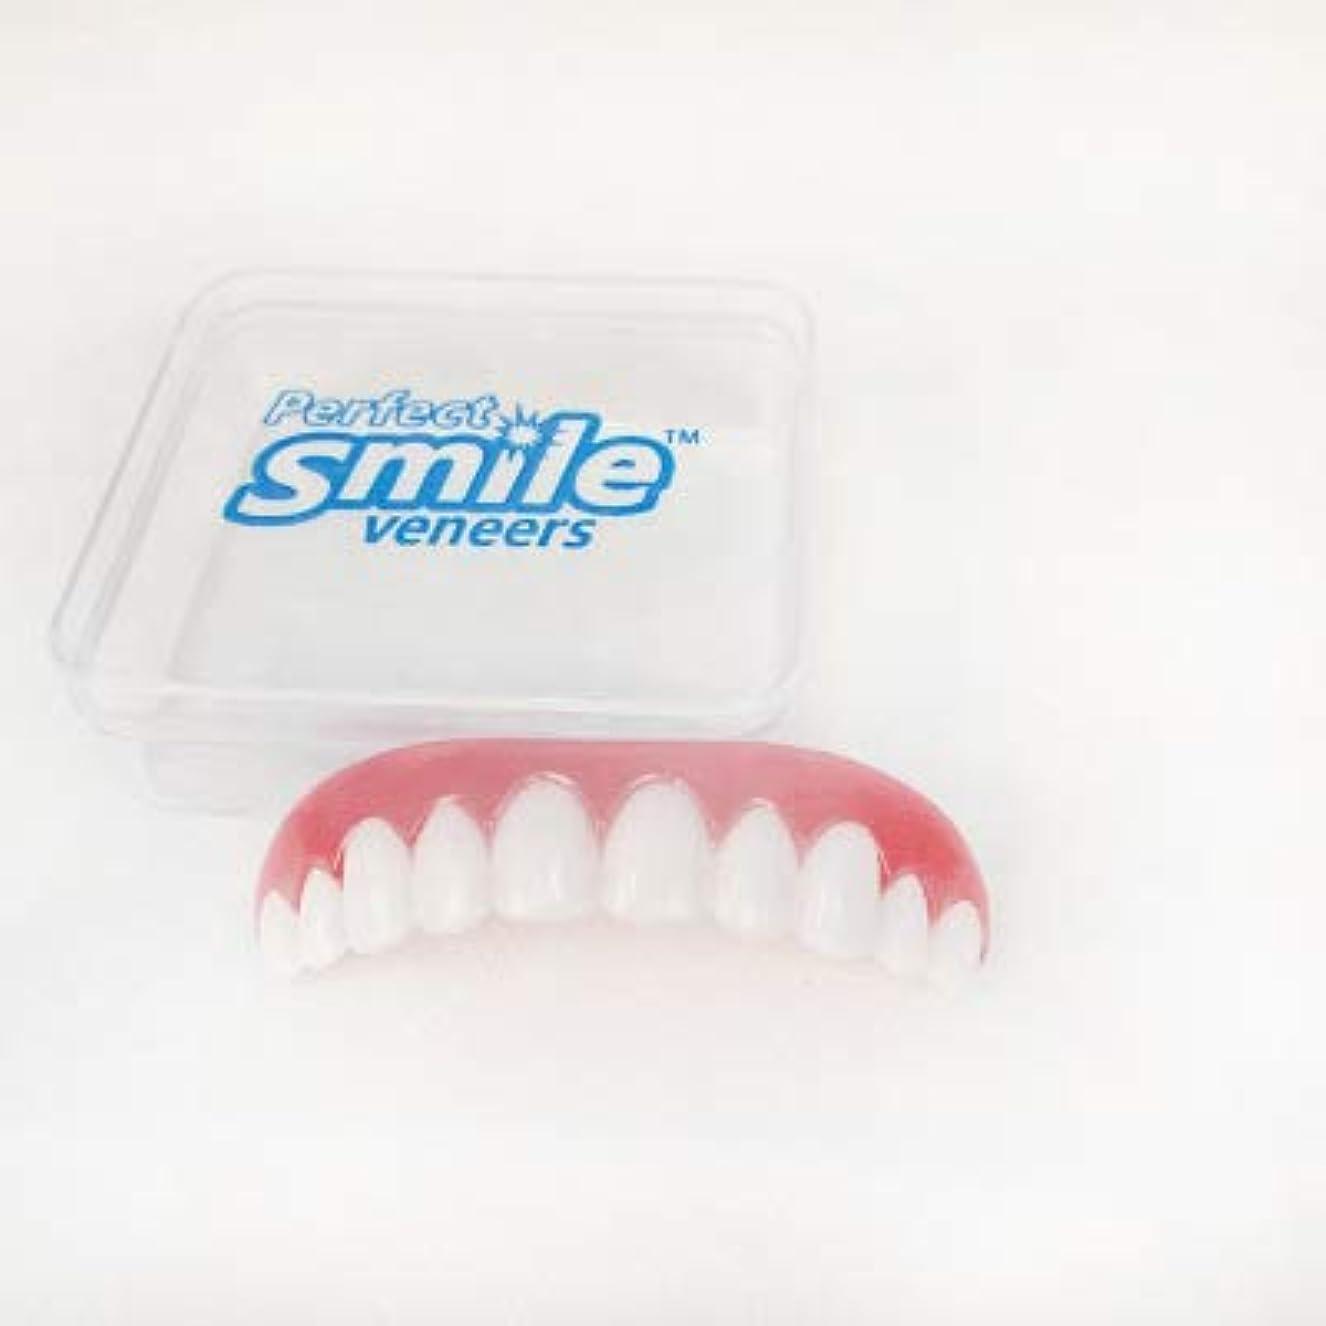 カスタムマーキング北東3セット、化粧品の歯、白い歯をきれいにするコンフォートフィットフレックス歯ソケット、化粧品の歯義歯の歯のトップ化粧品